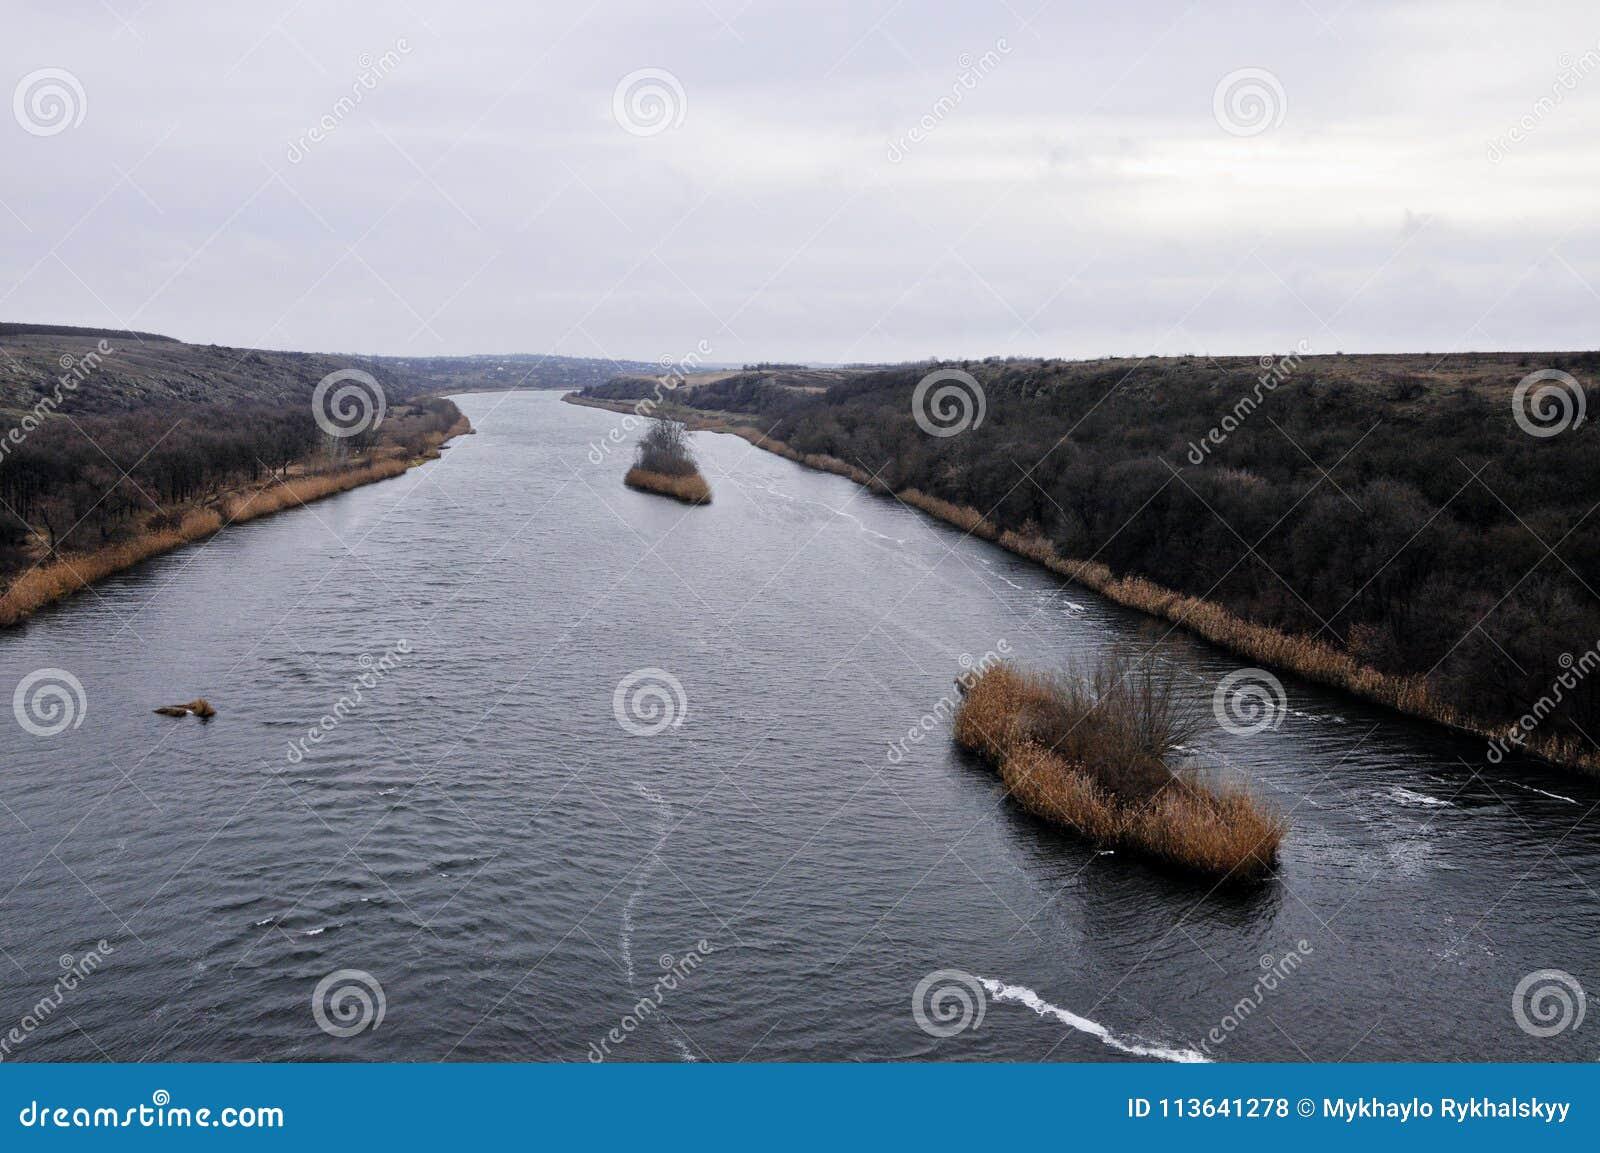 Lijnschepen op een gekoelde rivier